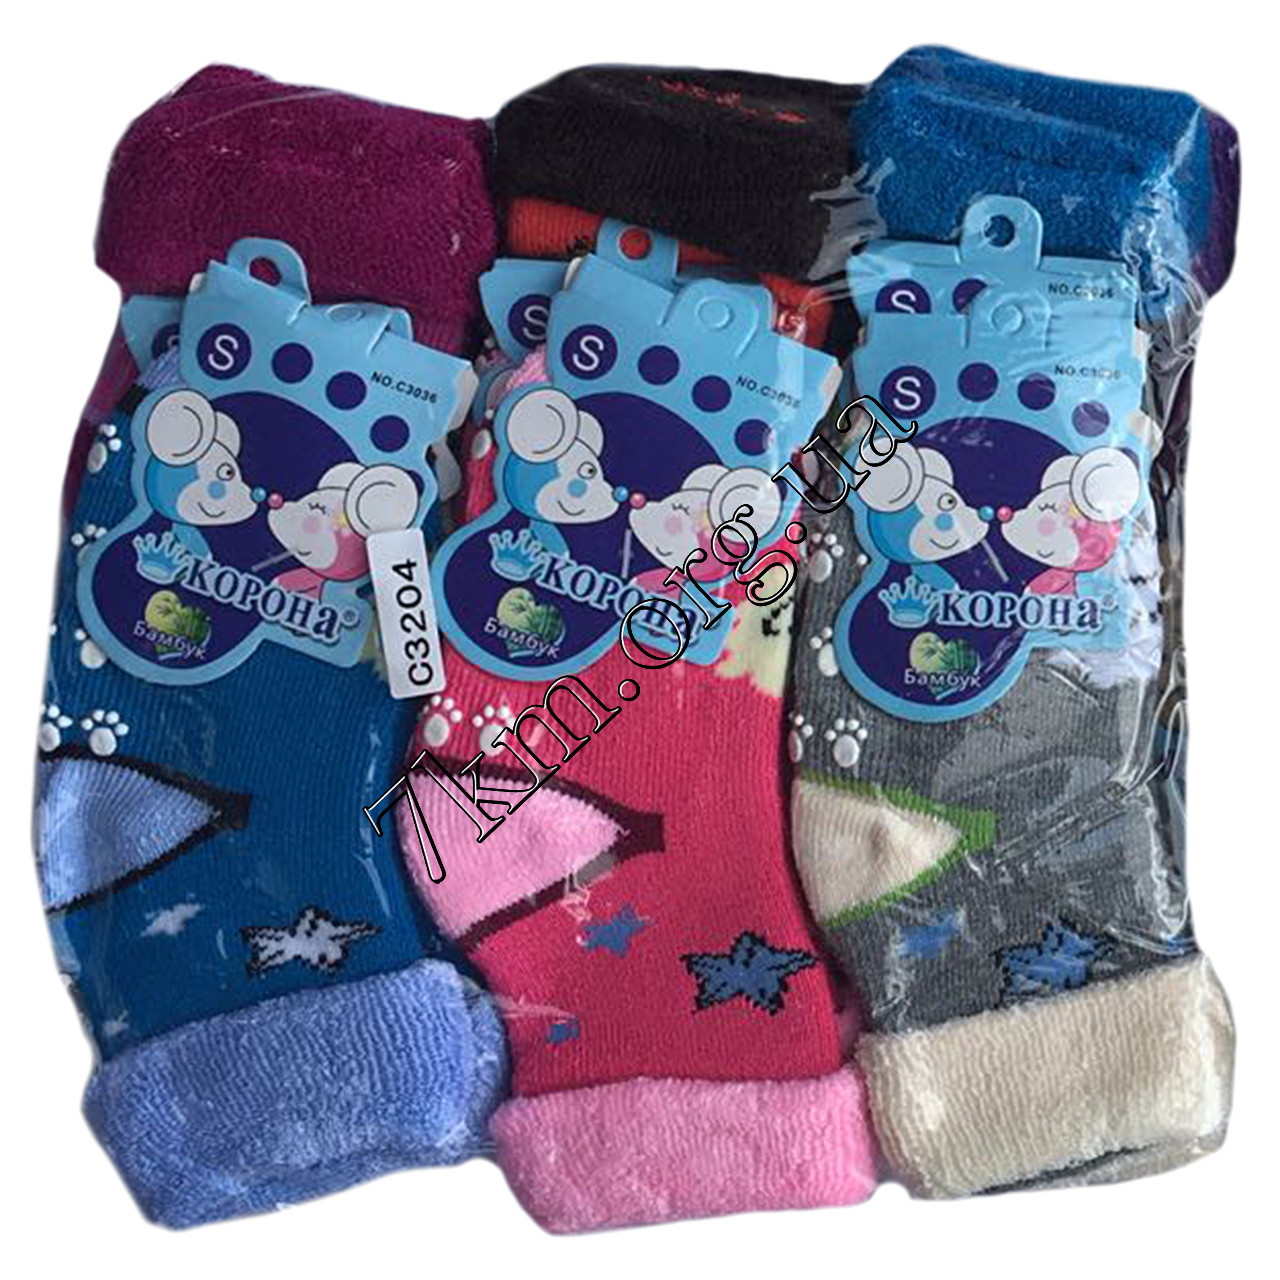 Носки детские махровые Бамбук Корона для девочек и мальчиков 1-2 года C3036